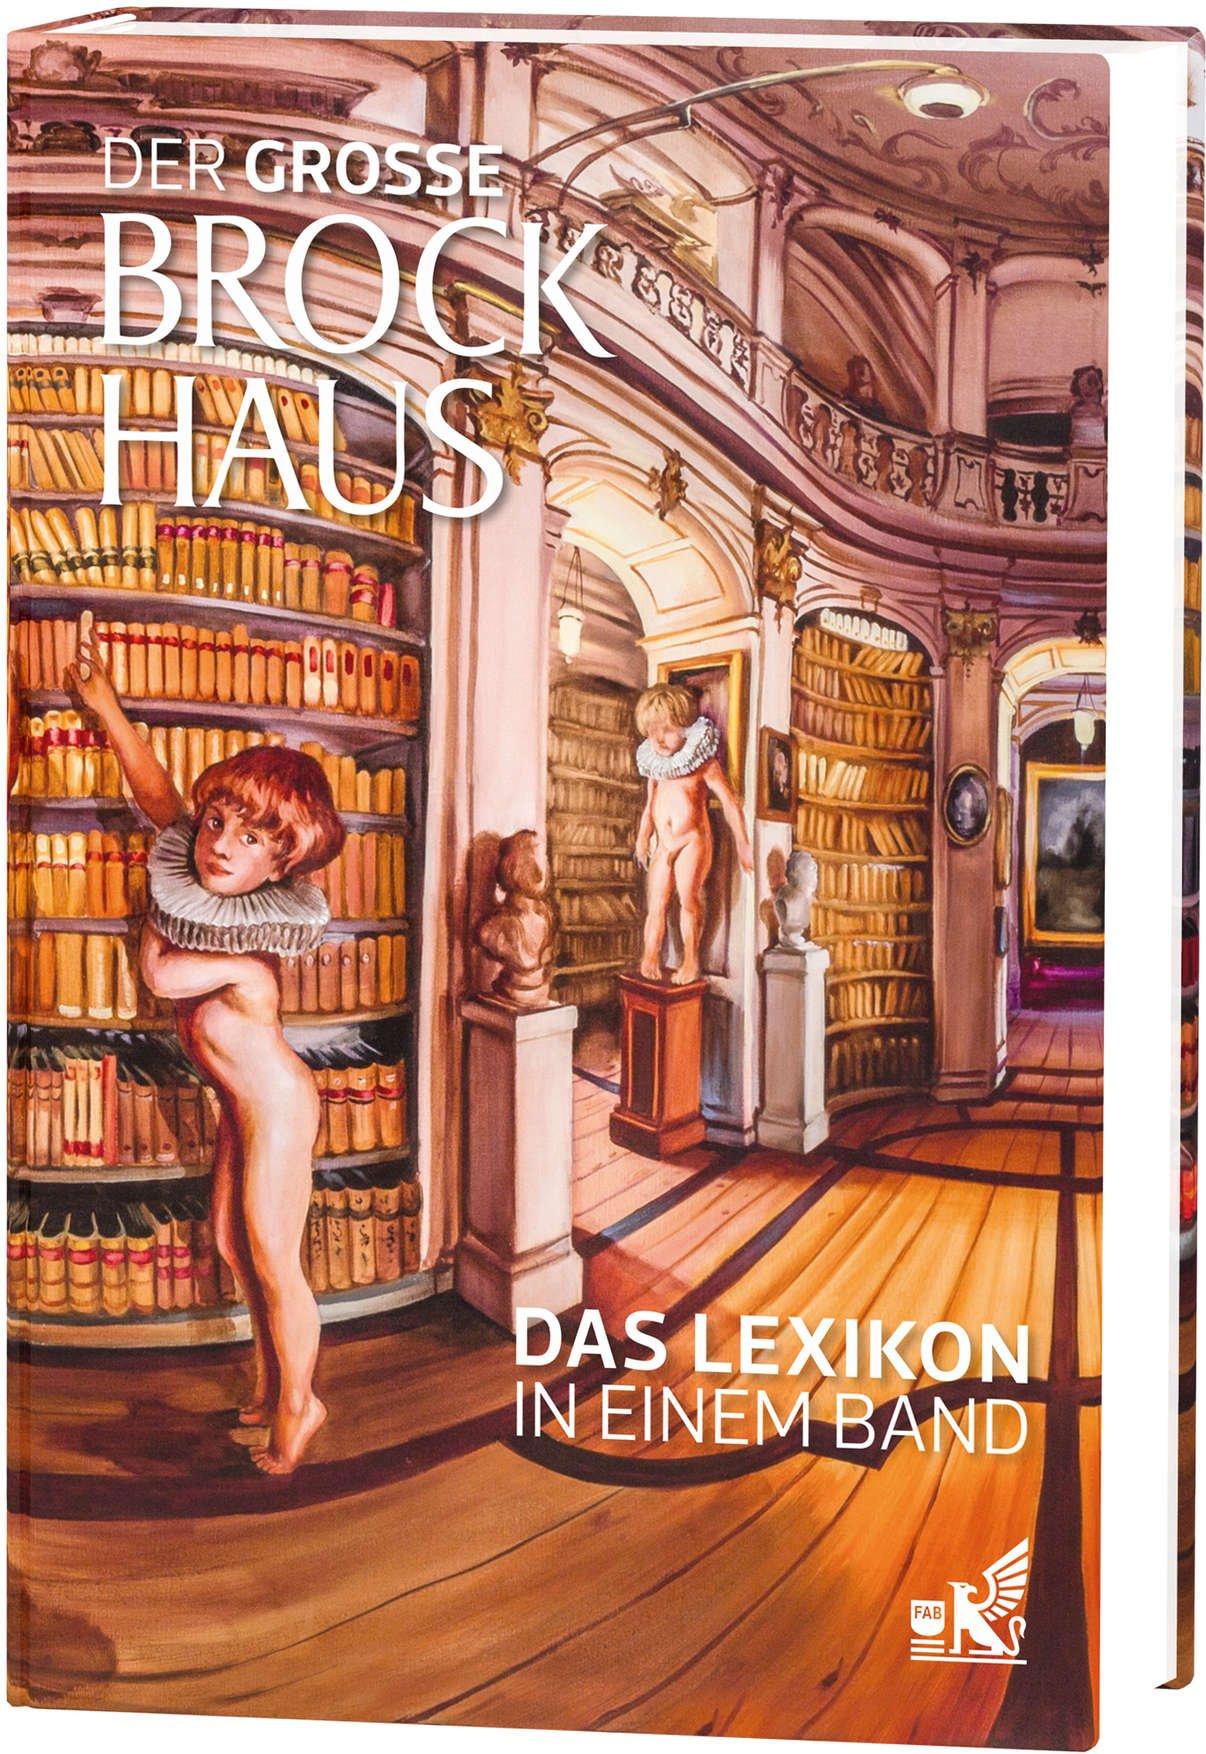 Der große Brockhaus Das Lexikon in einem Band: Künstlerausgabe Sala Lieber